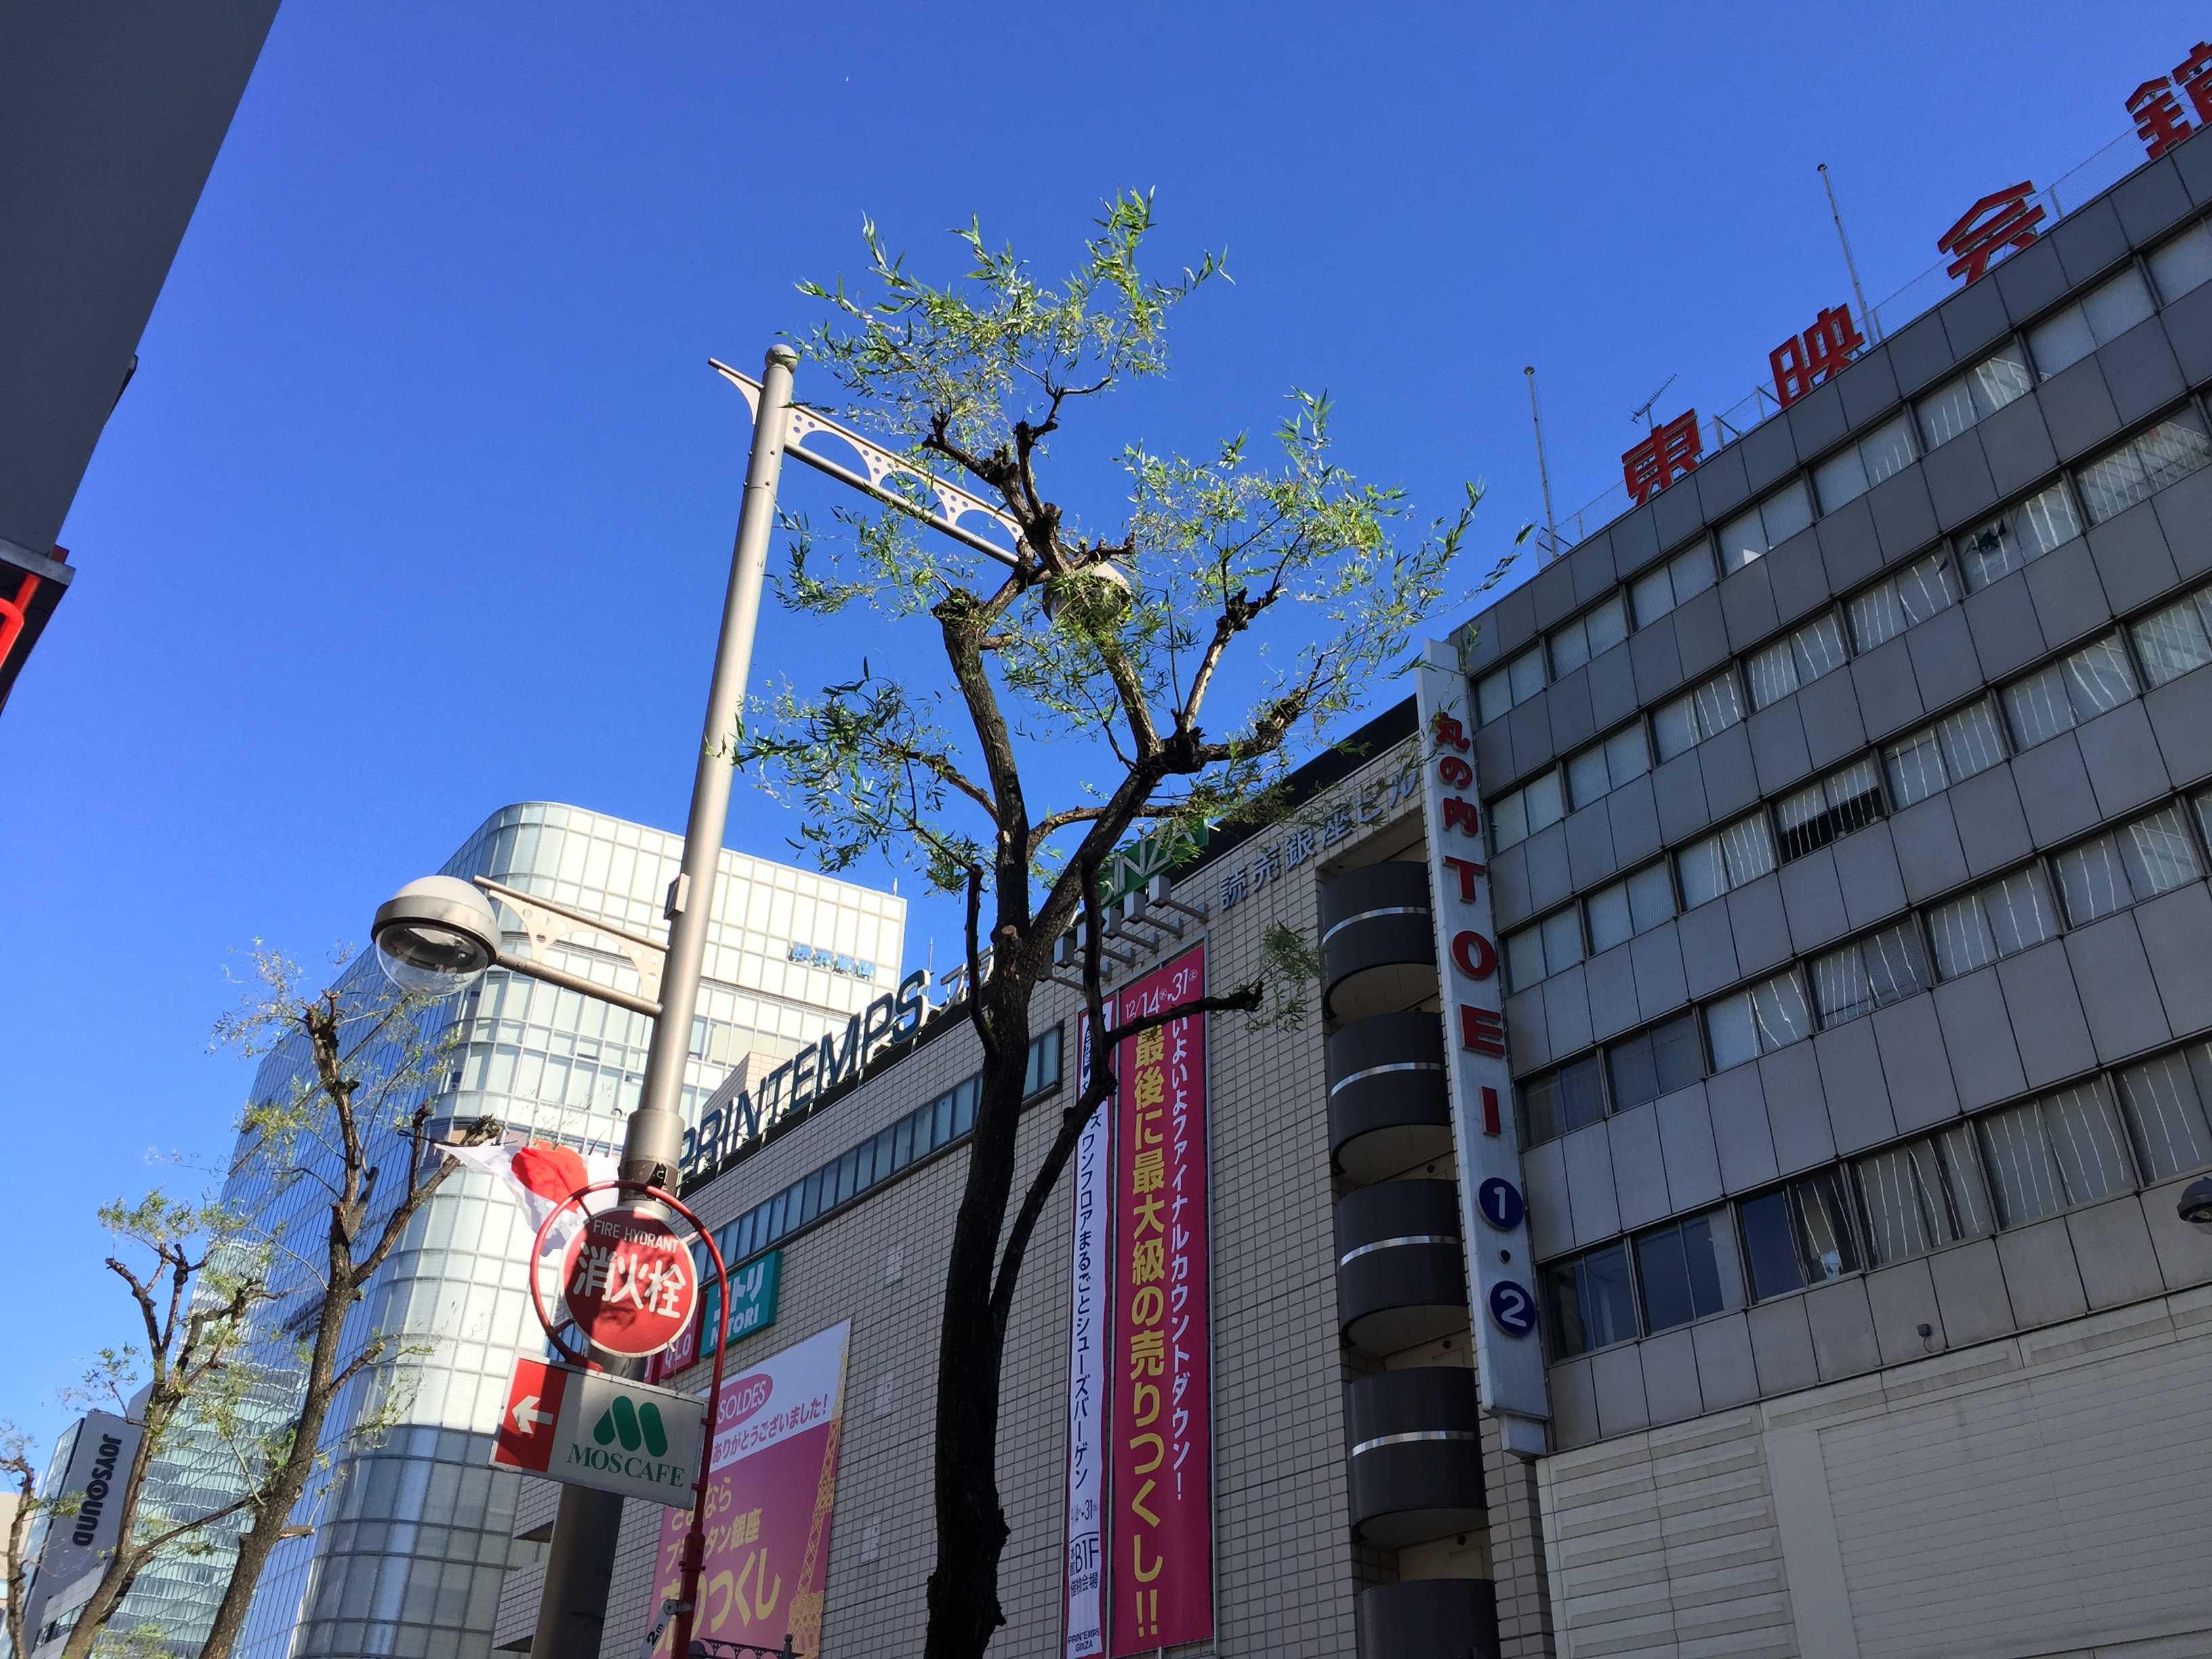 銀座の柳で♪ - 東京ラプソディ